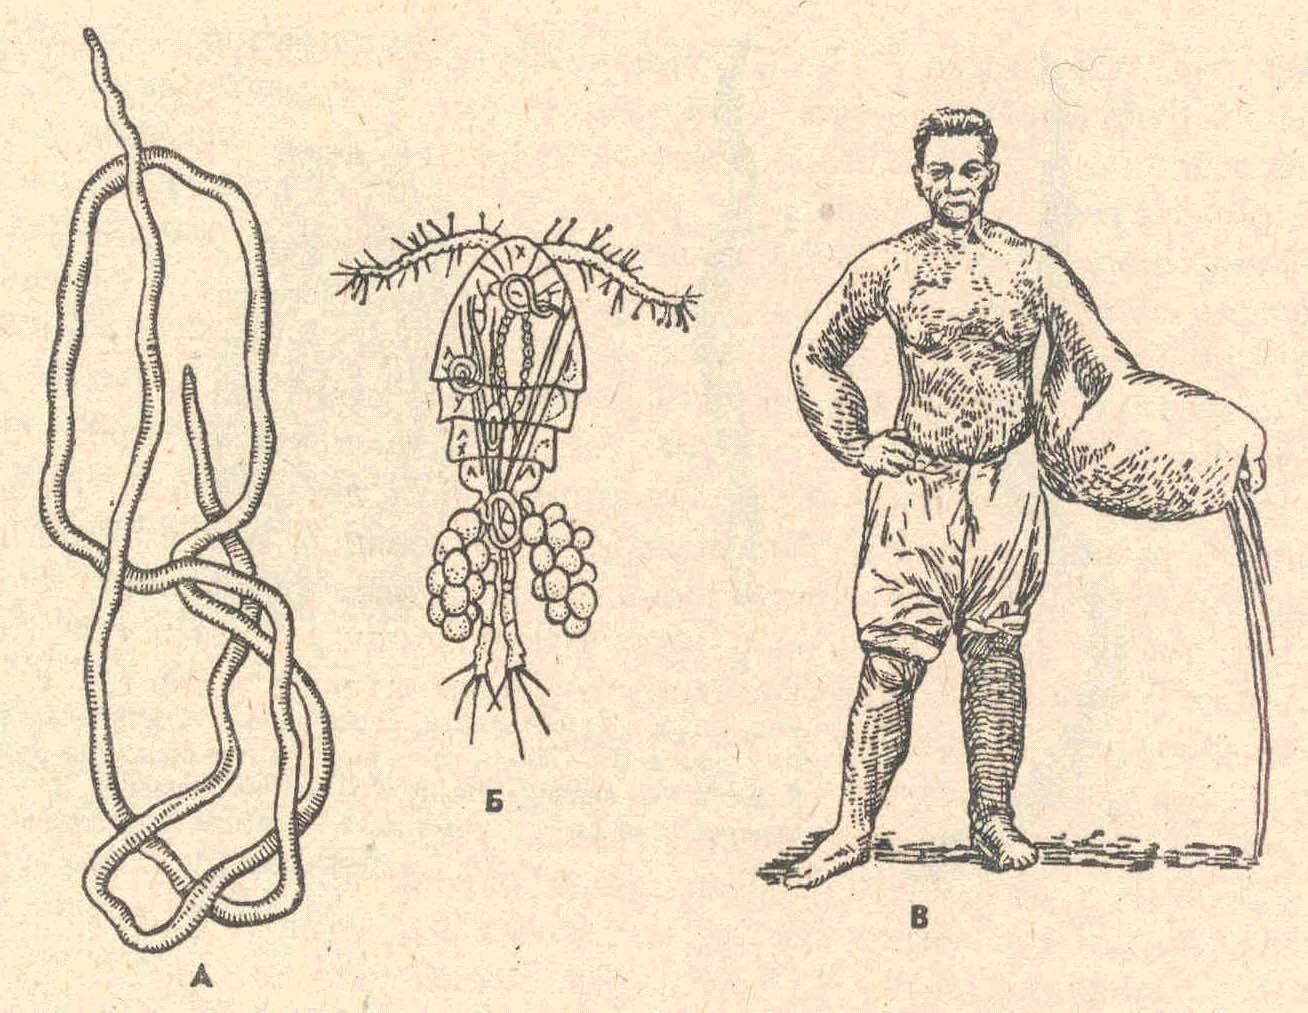 Круглый червь ришта. жизненный цикл червя ришта, симптоматика и лечение дракункулеза